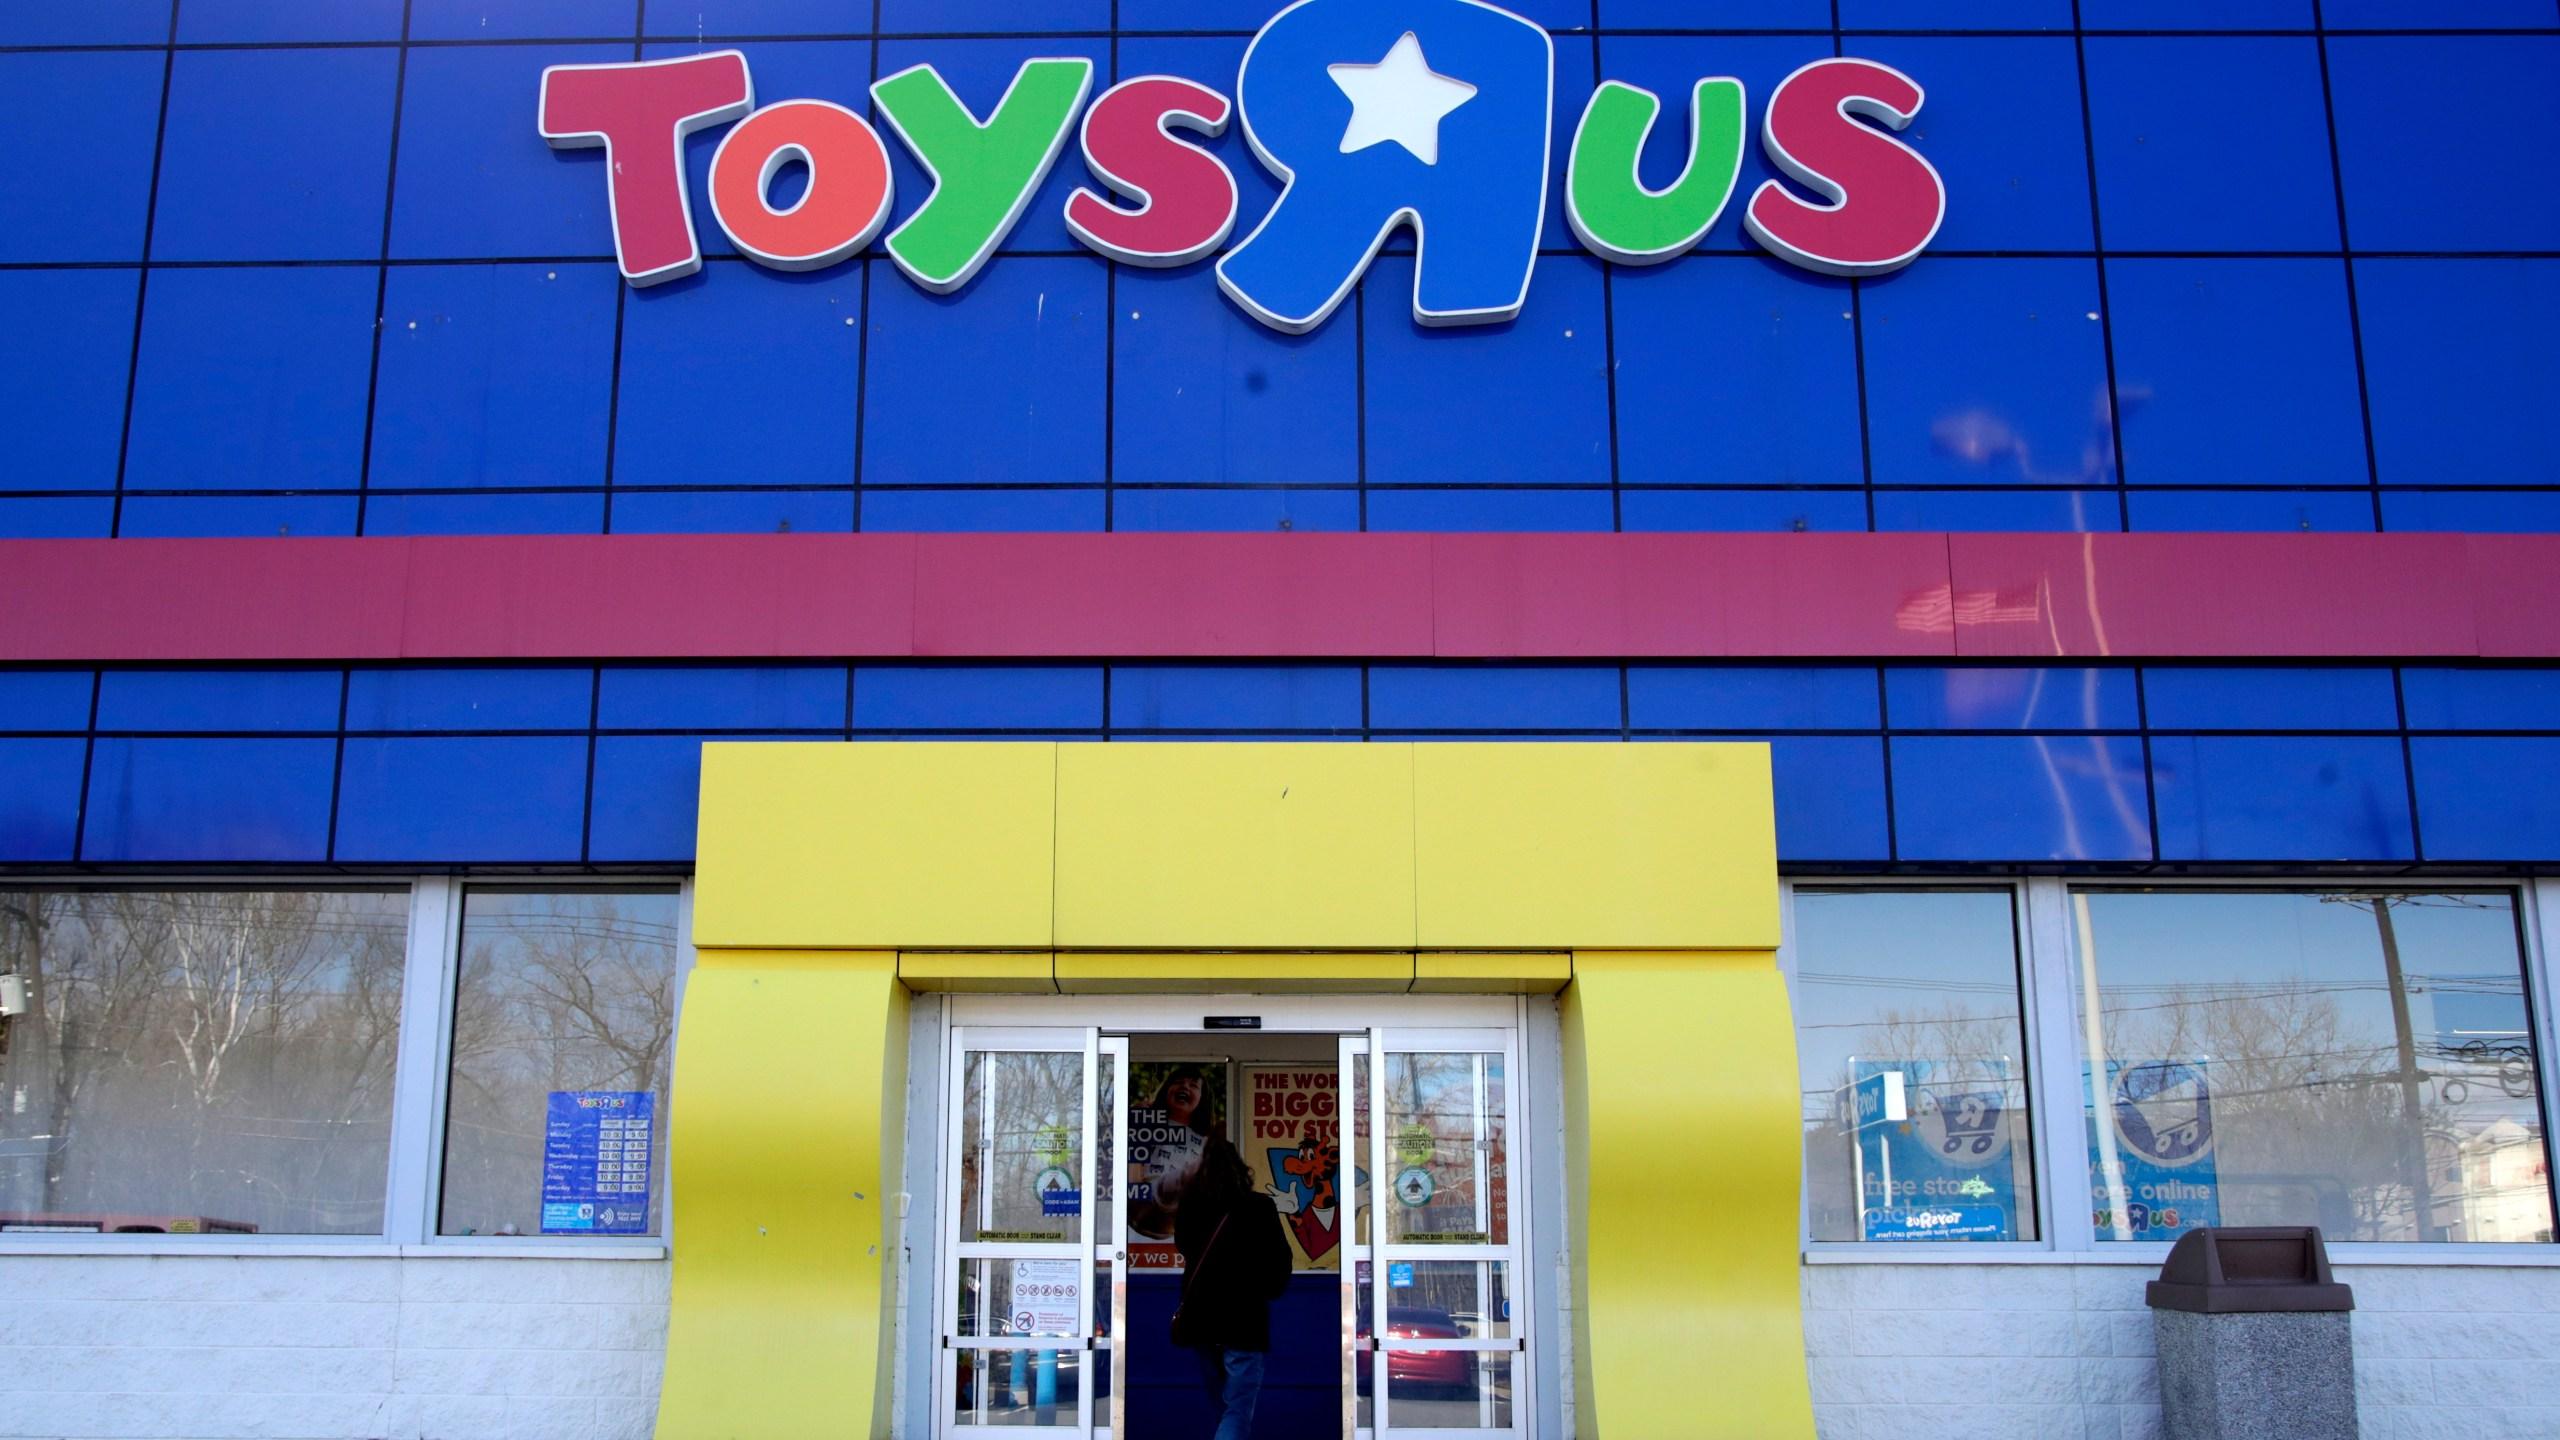 Toys_R_Us_Liquidation_21484-159532.jpg42931052